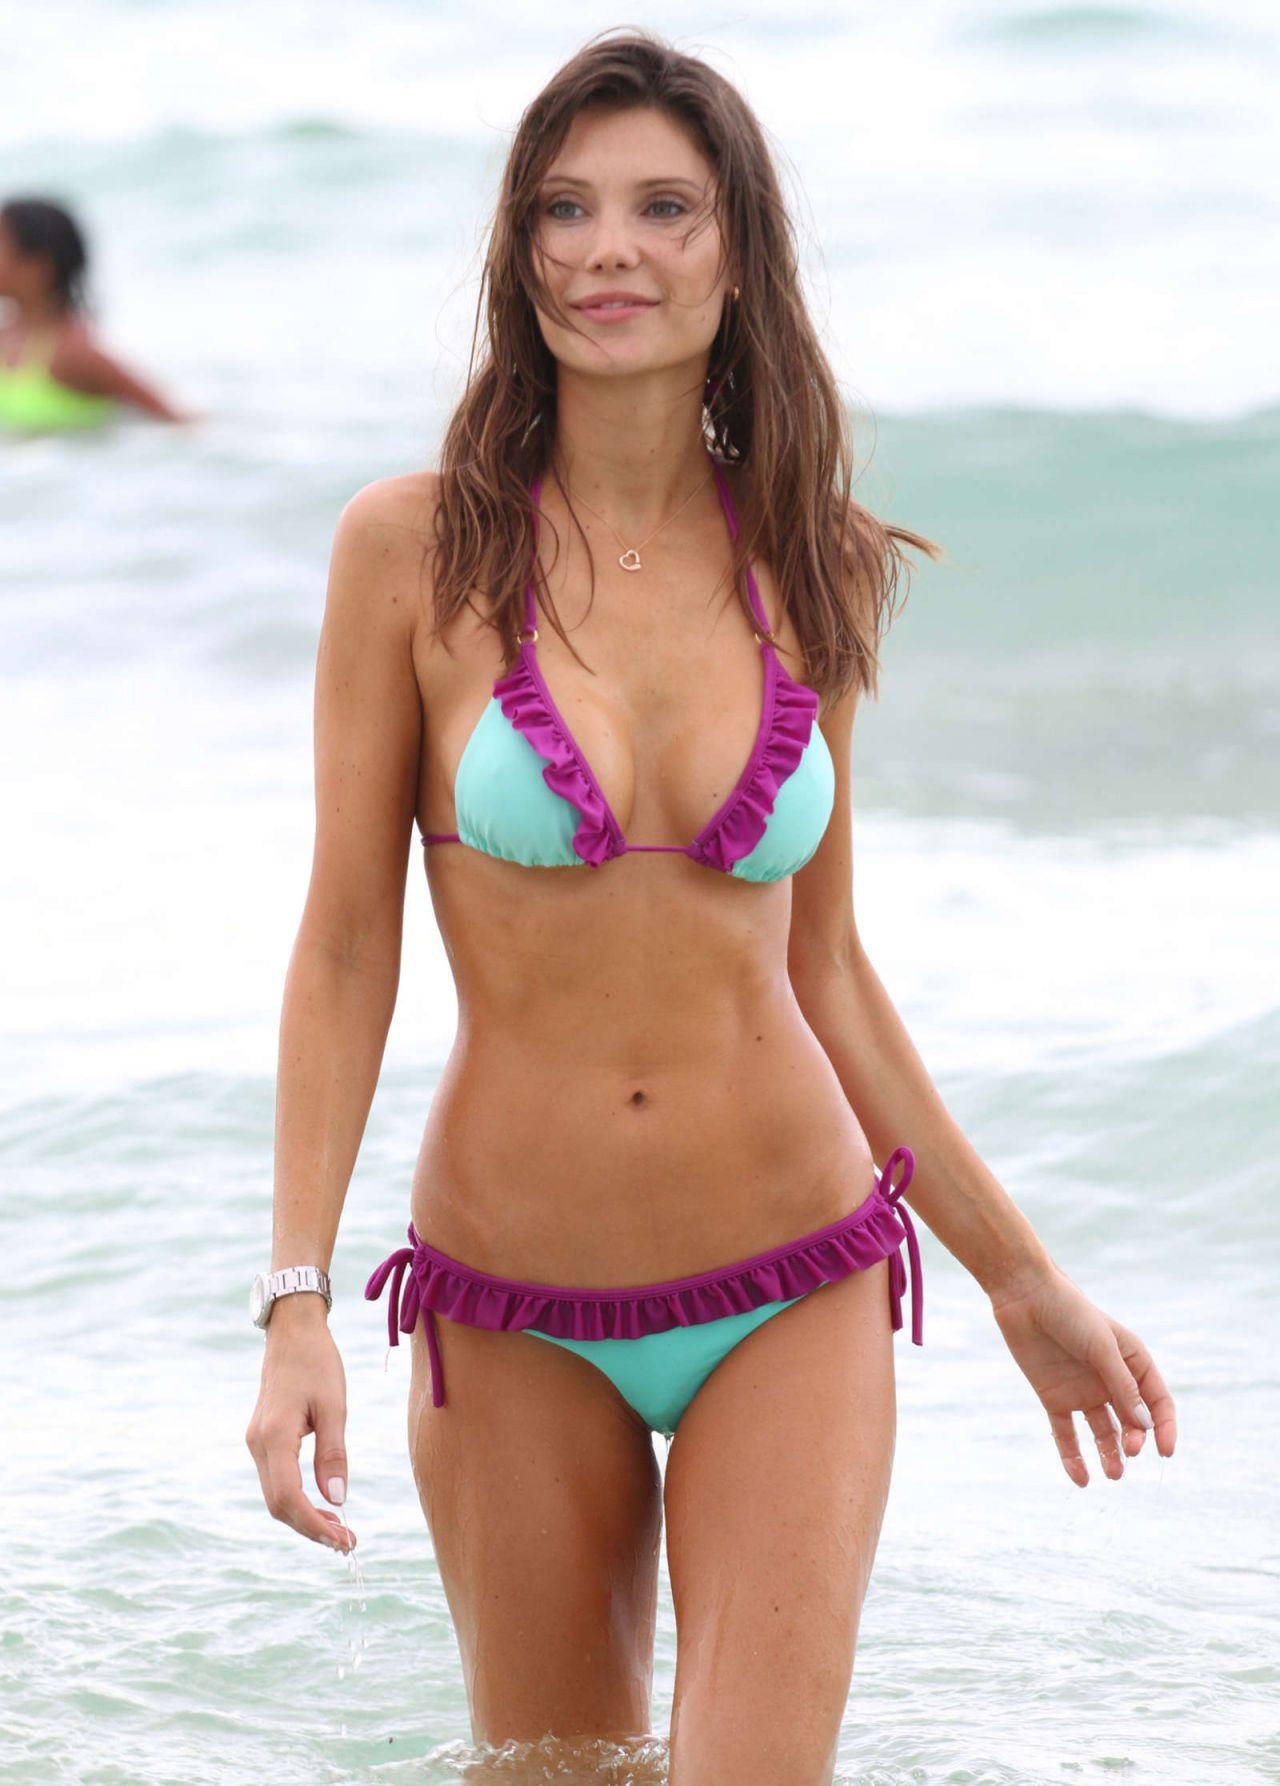 Julia Pereira Hot in Bikini - Miami, July 2016 • CelebMafia